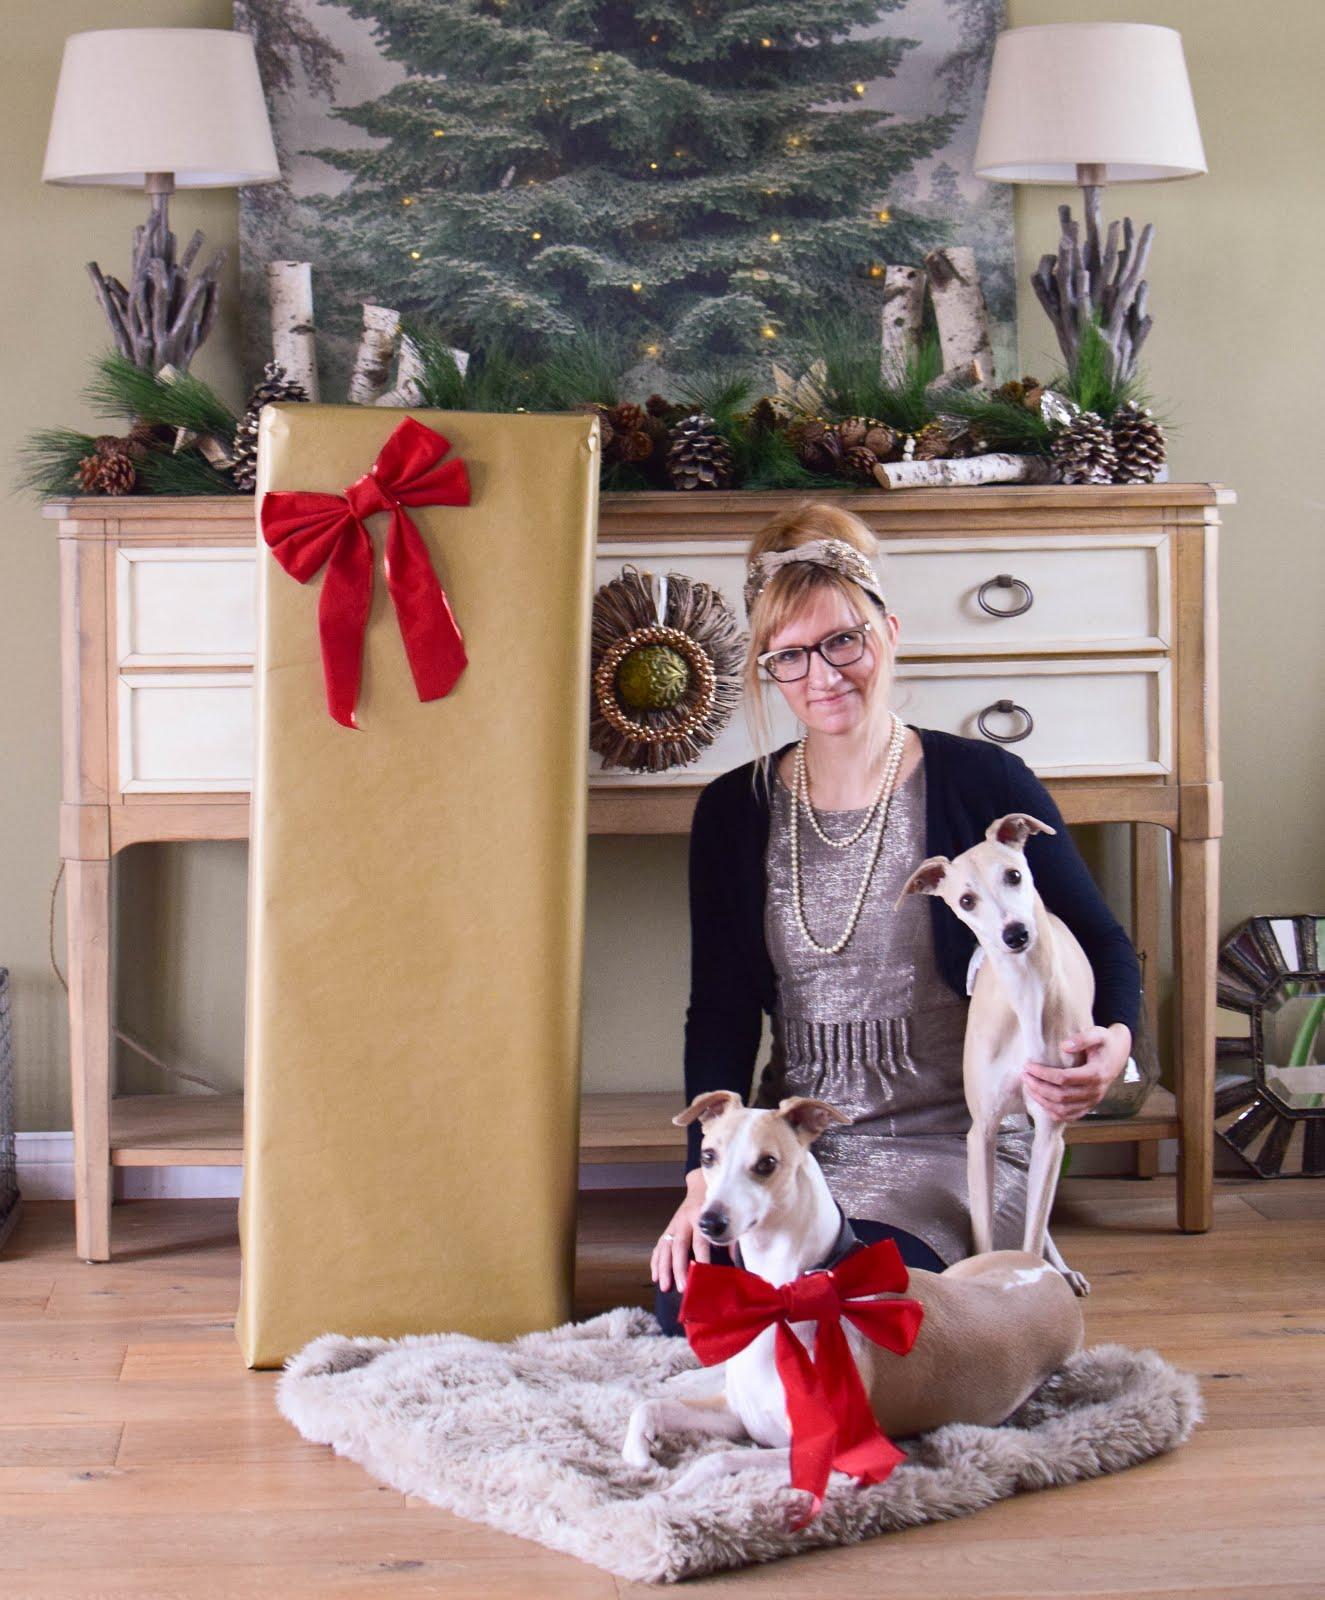 Wir ihr hortensien perfekt trocknet und ideen zur deko eclectic hamilton - Glycerin weihnachtsbaum ...